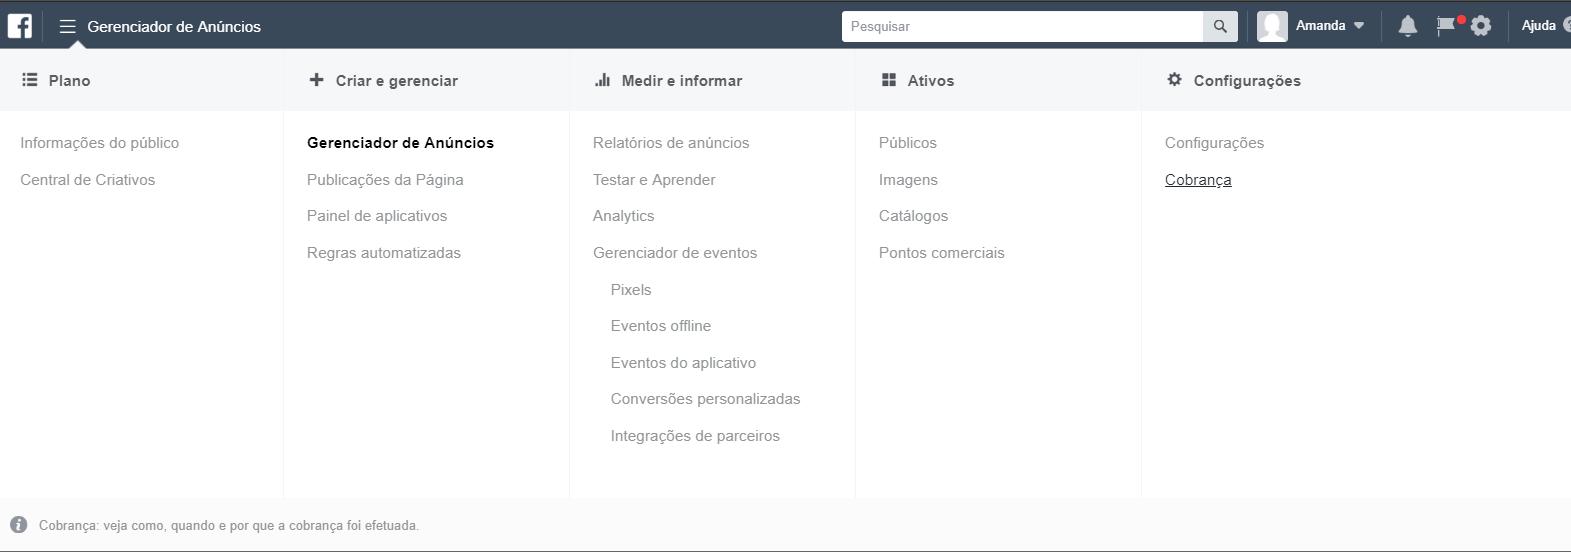 print-tutorial-como-criar-conta-de-anuncios-facebook-painel-gerenciador-de-anunciospng